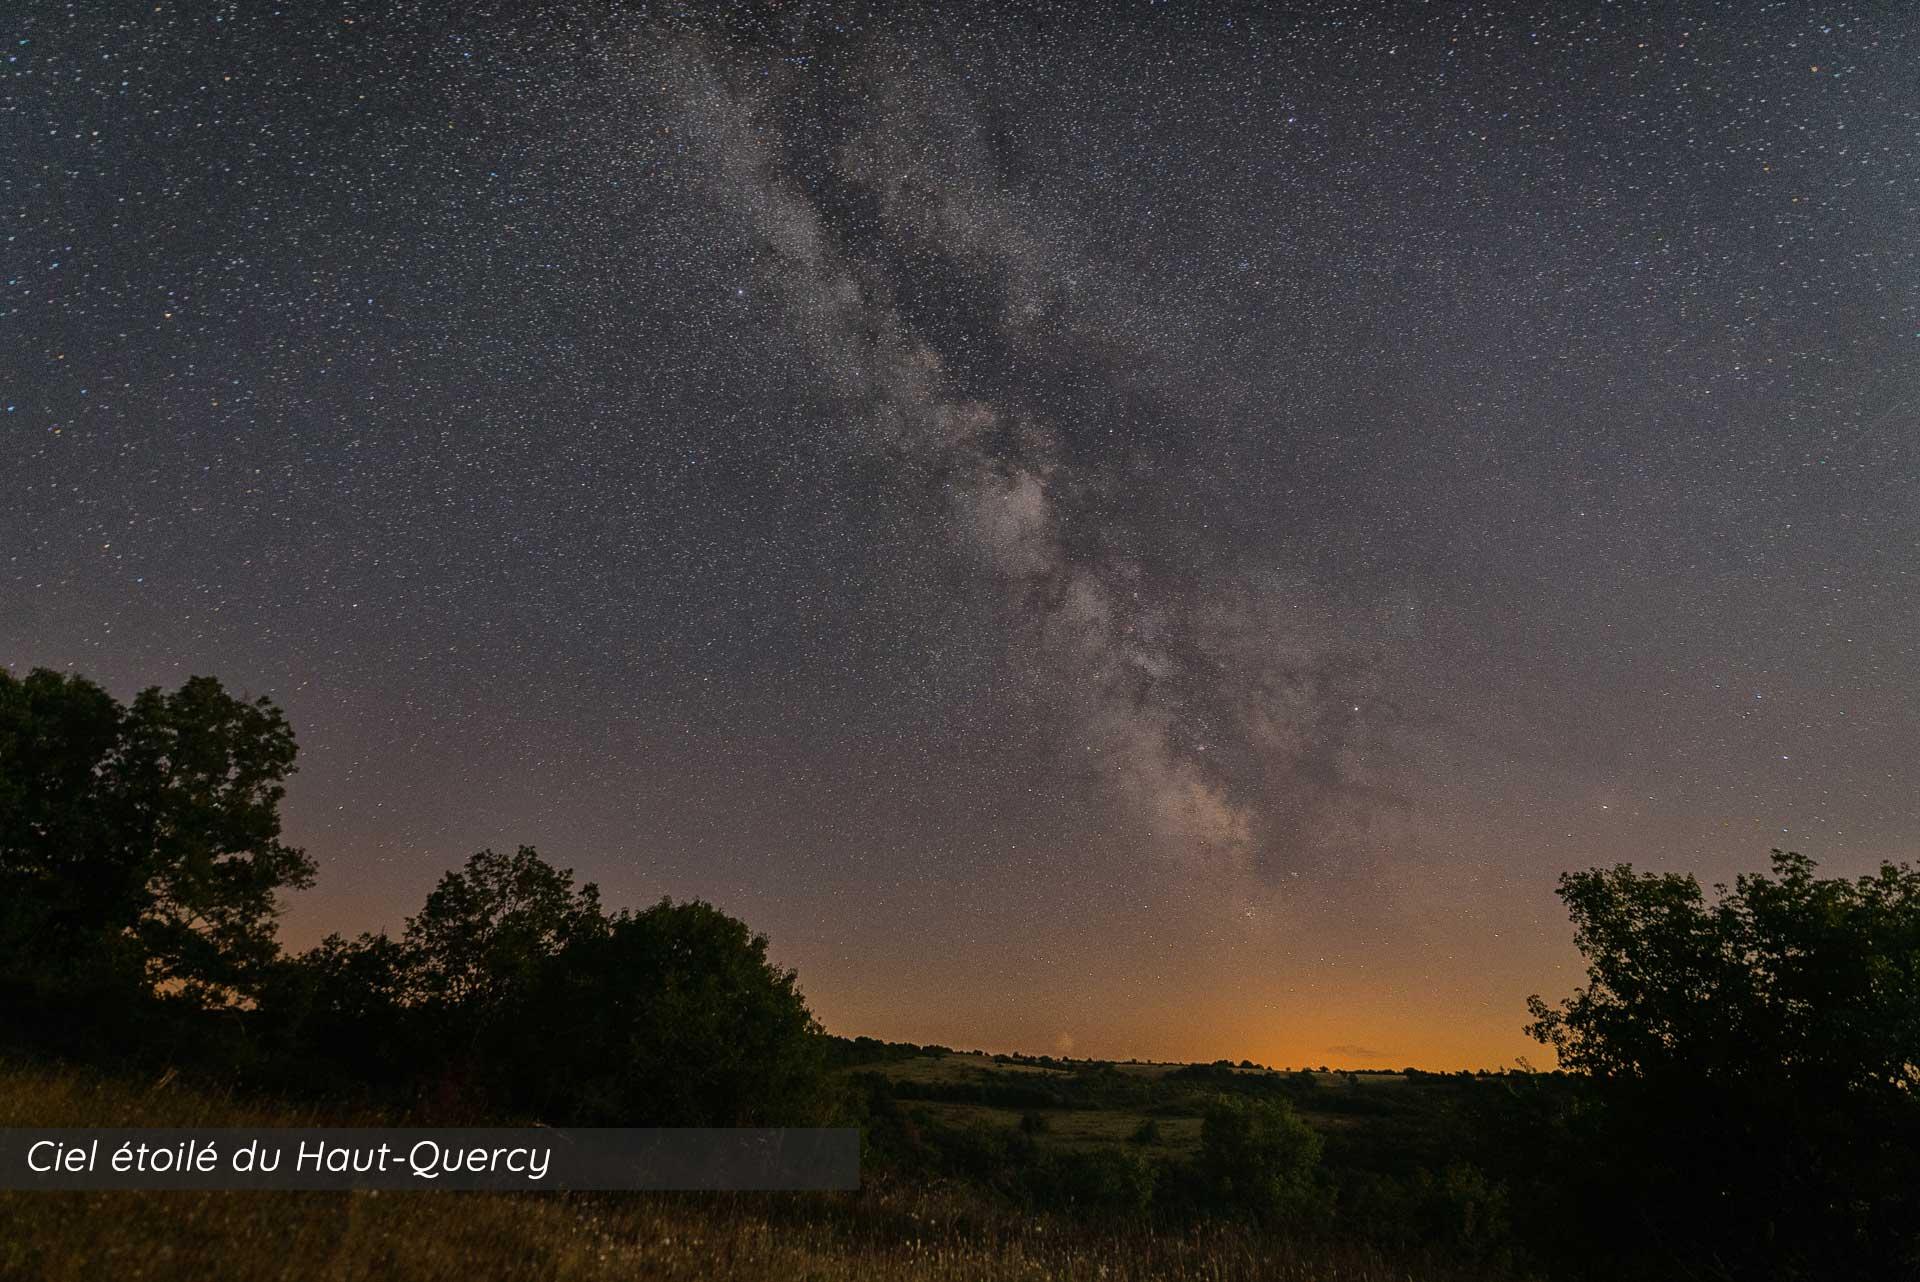 Ciel étoilé du Haut-Quercy